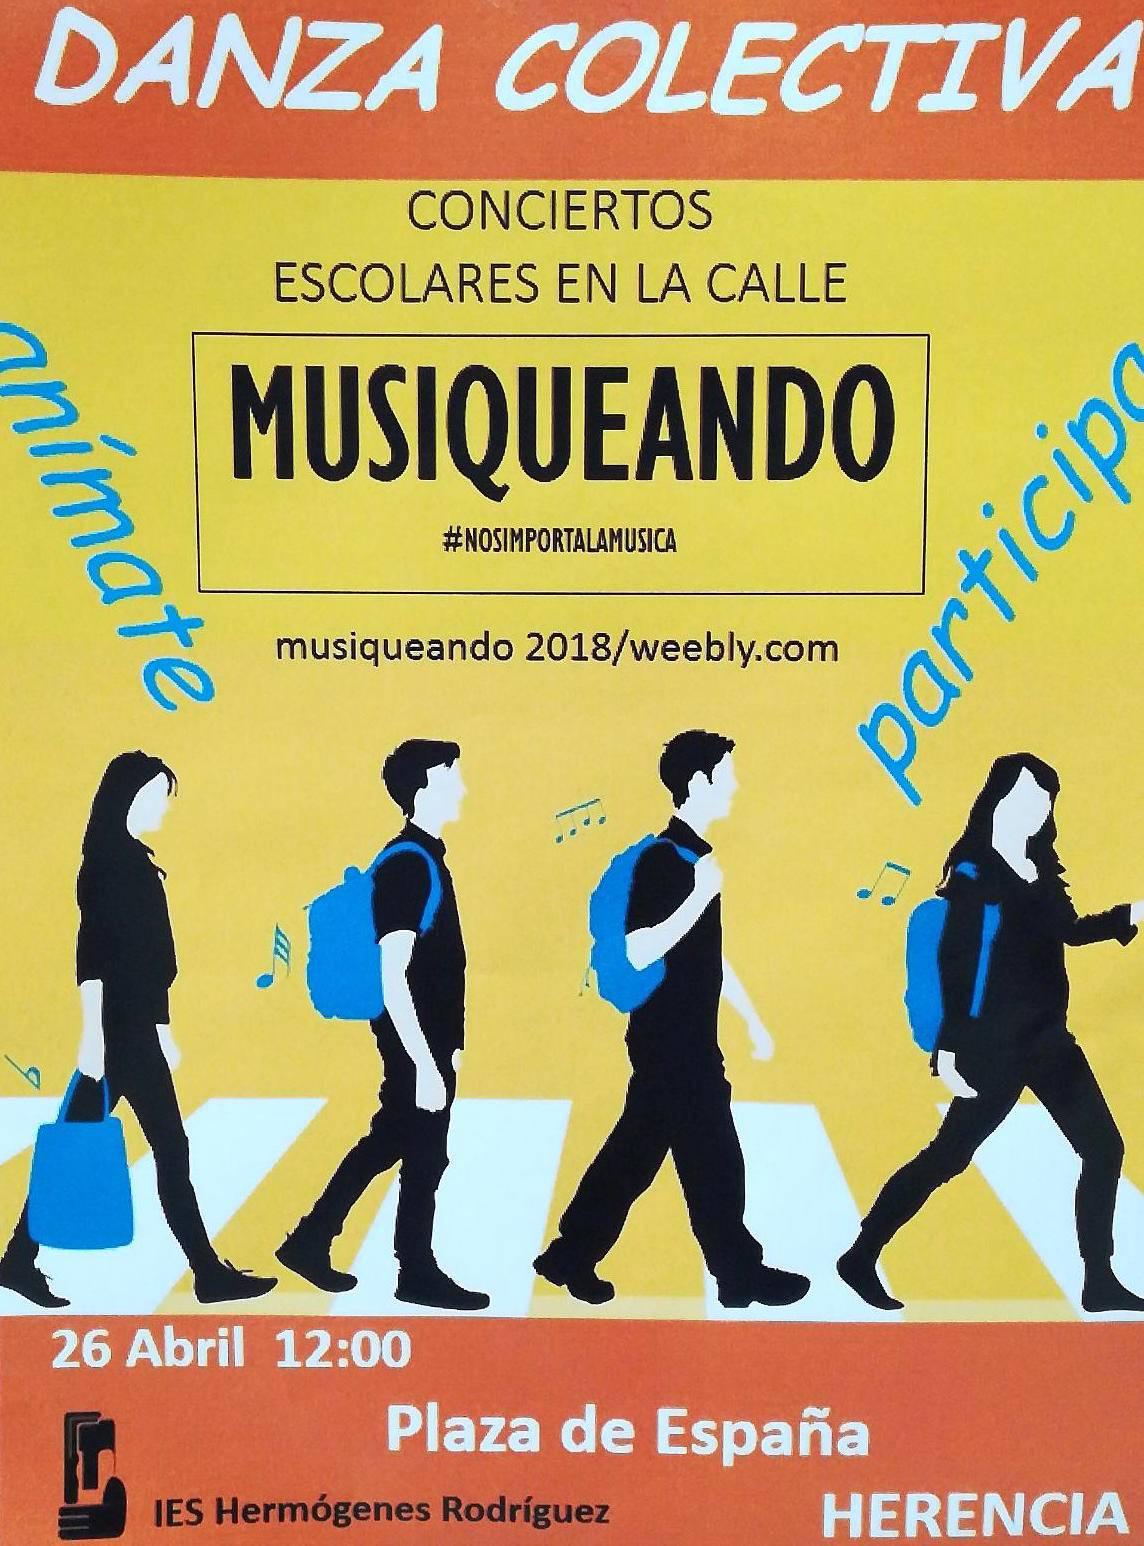 Musiqueando 2018 IES hermoges Rodr%C3%ADguez 1 - El IES participa de Musiqueando 2018 con música en la calle